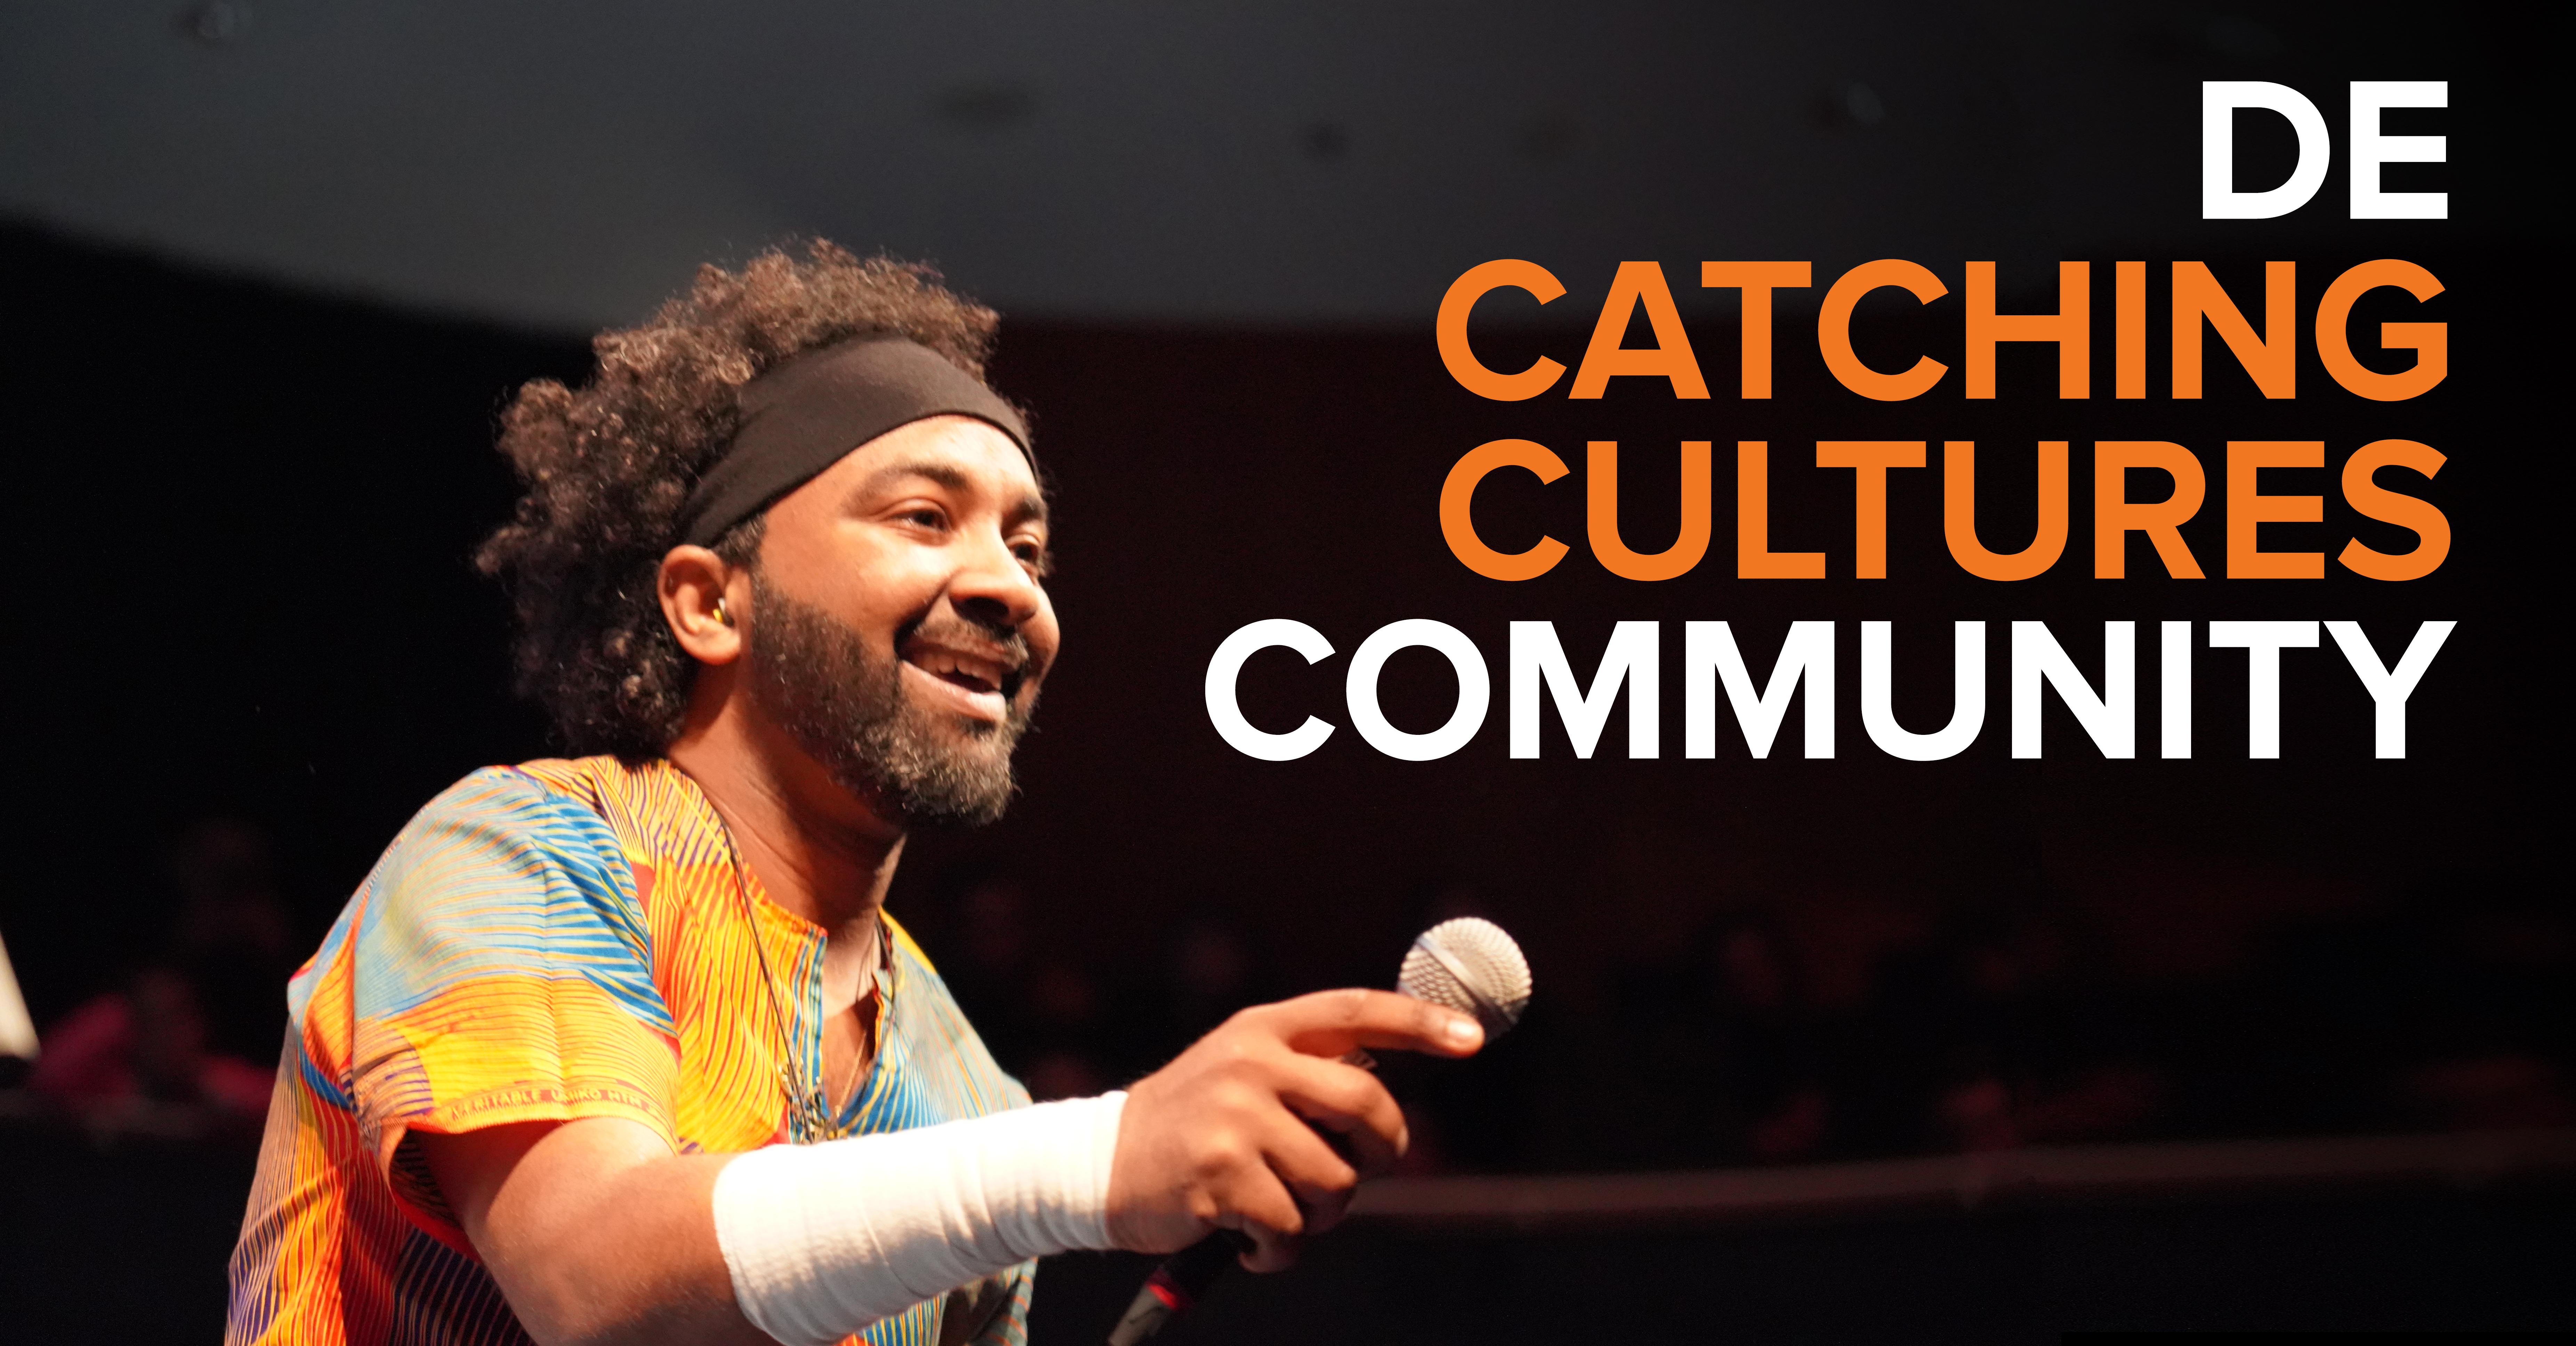 Lancering van de Catching Cultures Community!